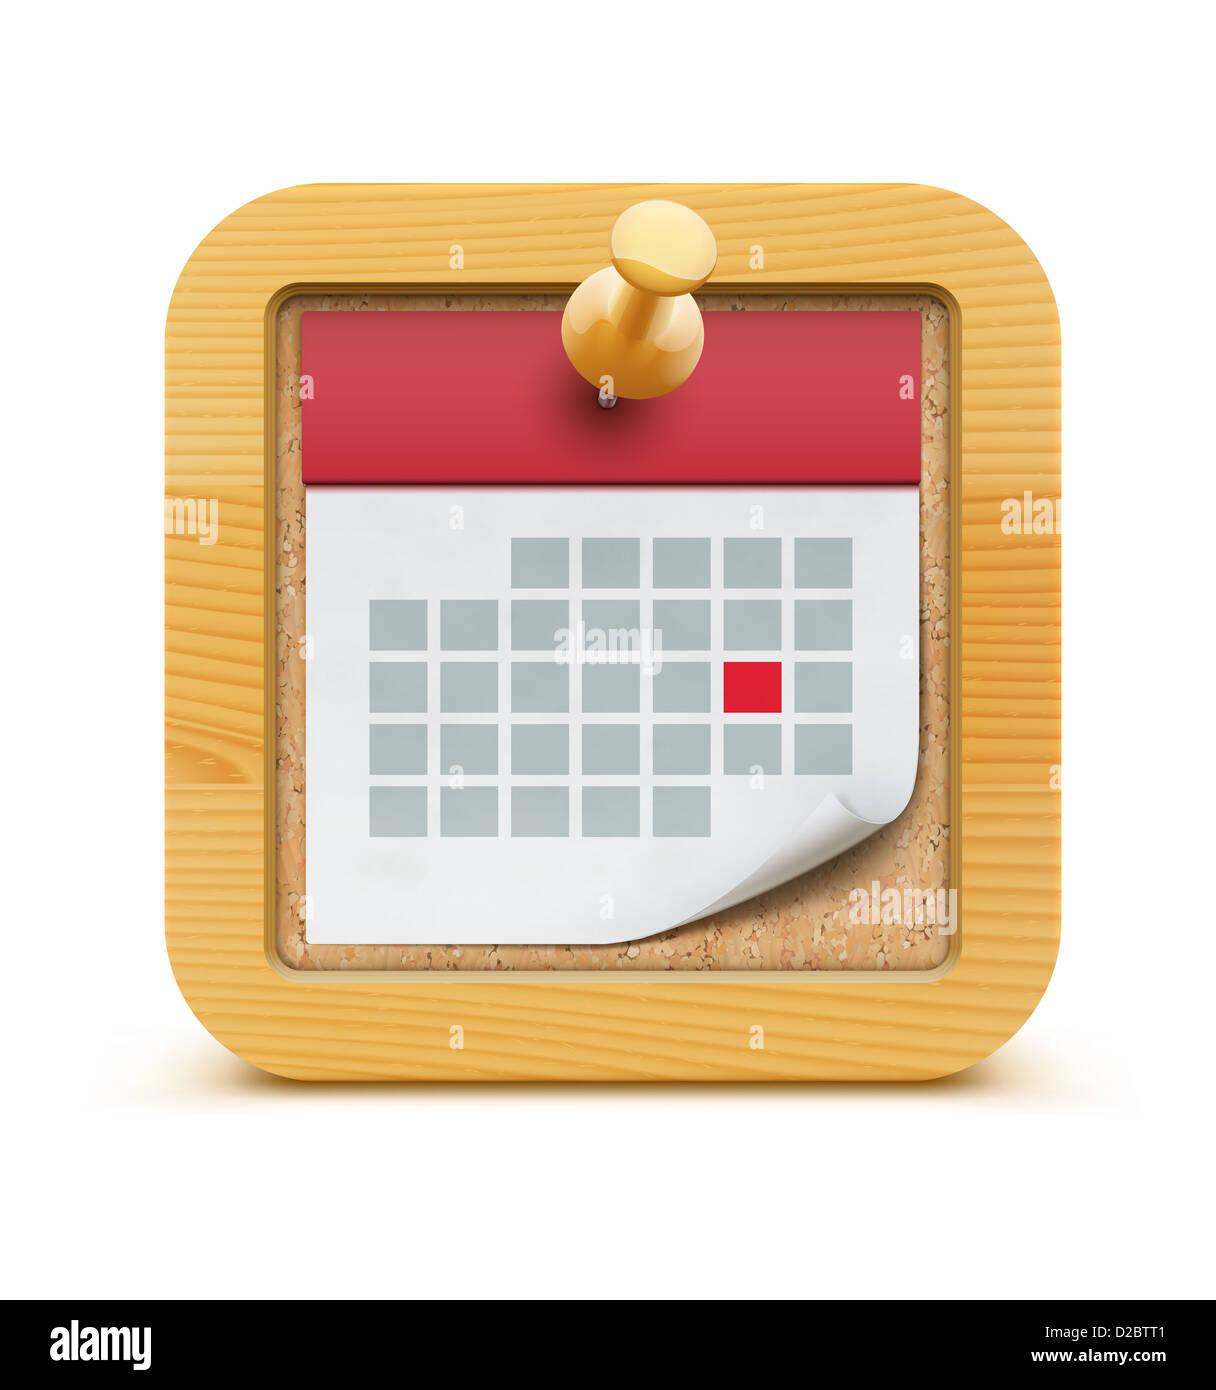 detaillierte schönen Kalender-Symbol in der Kork-Pinnwand mit ...